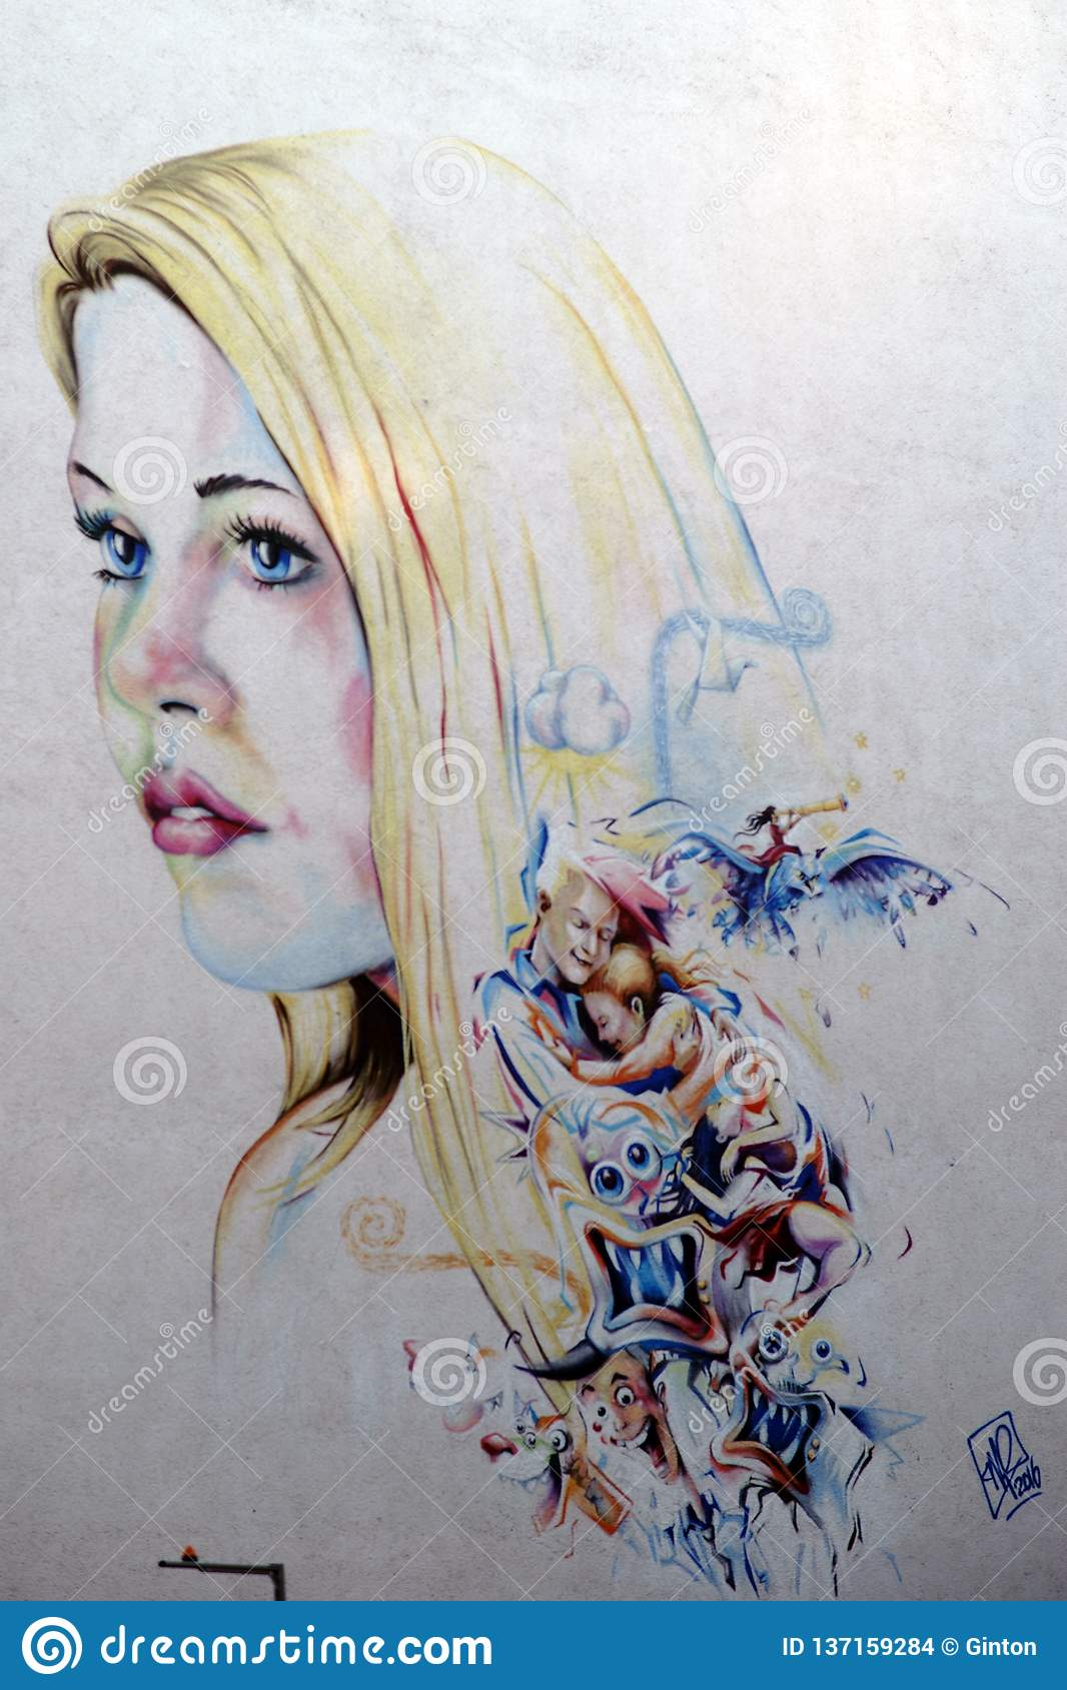 Jeune Femme Et Personnages De Dessin Animé De Graffiti Image